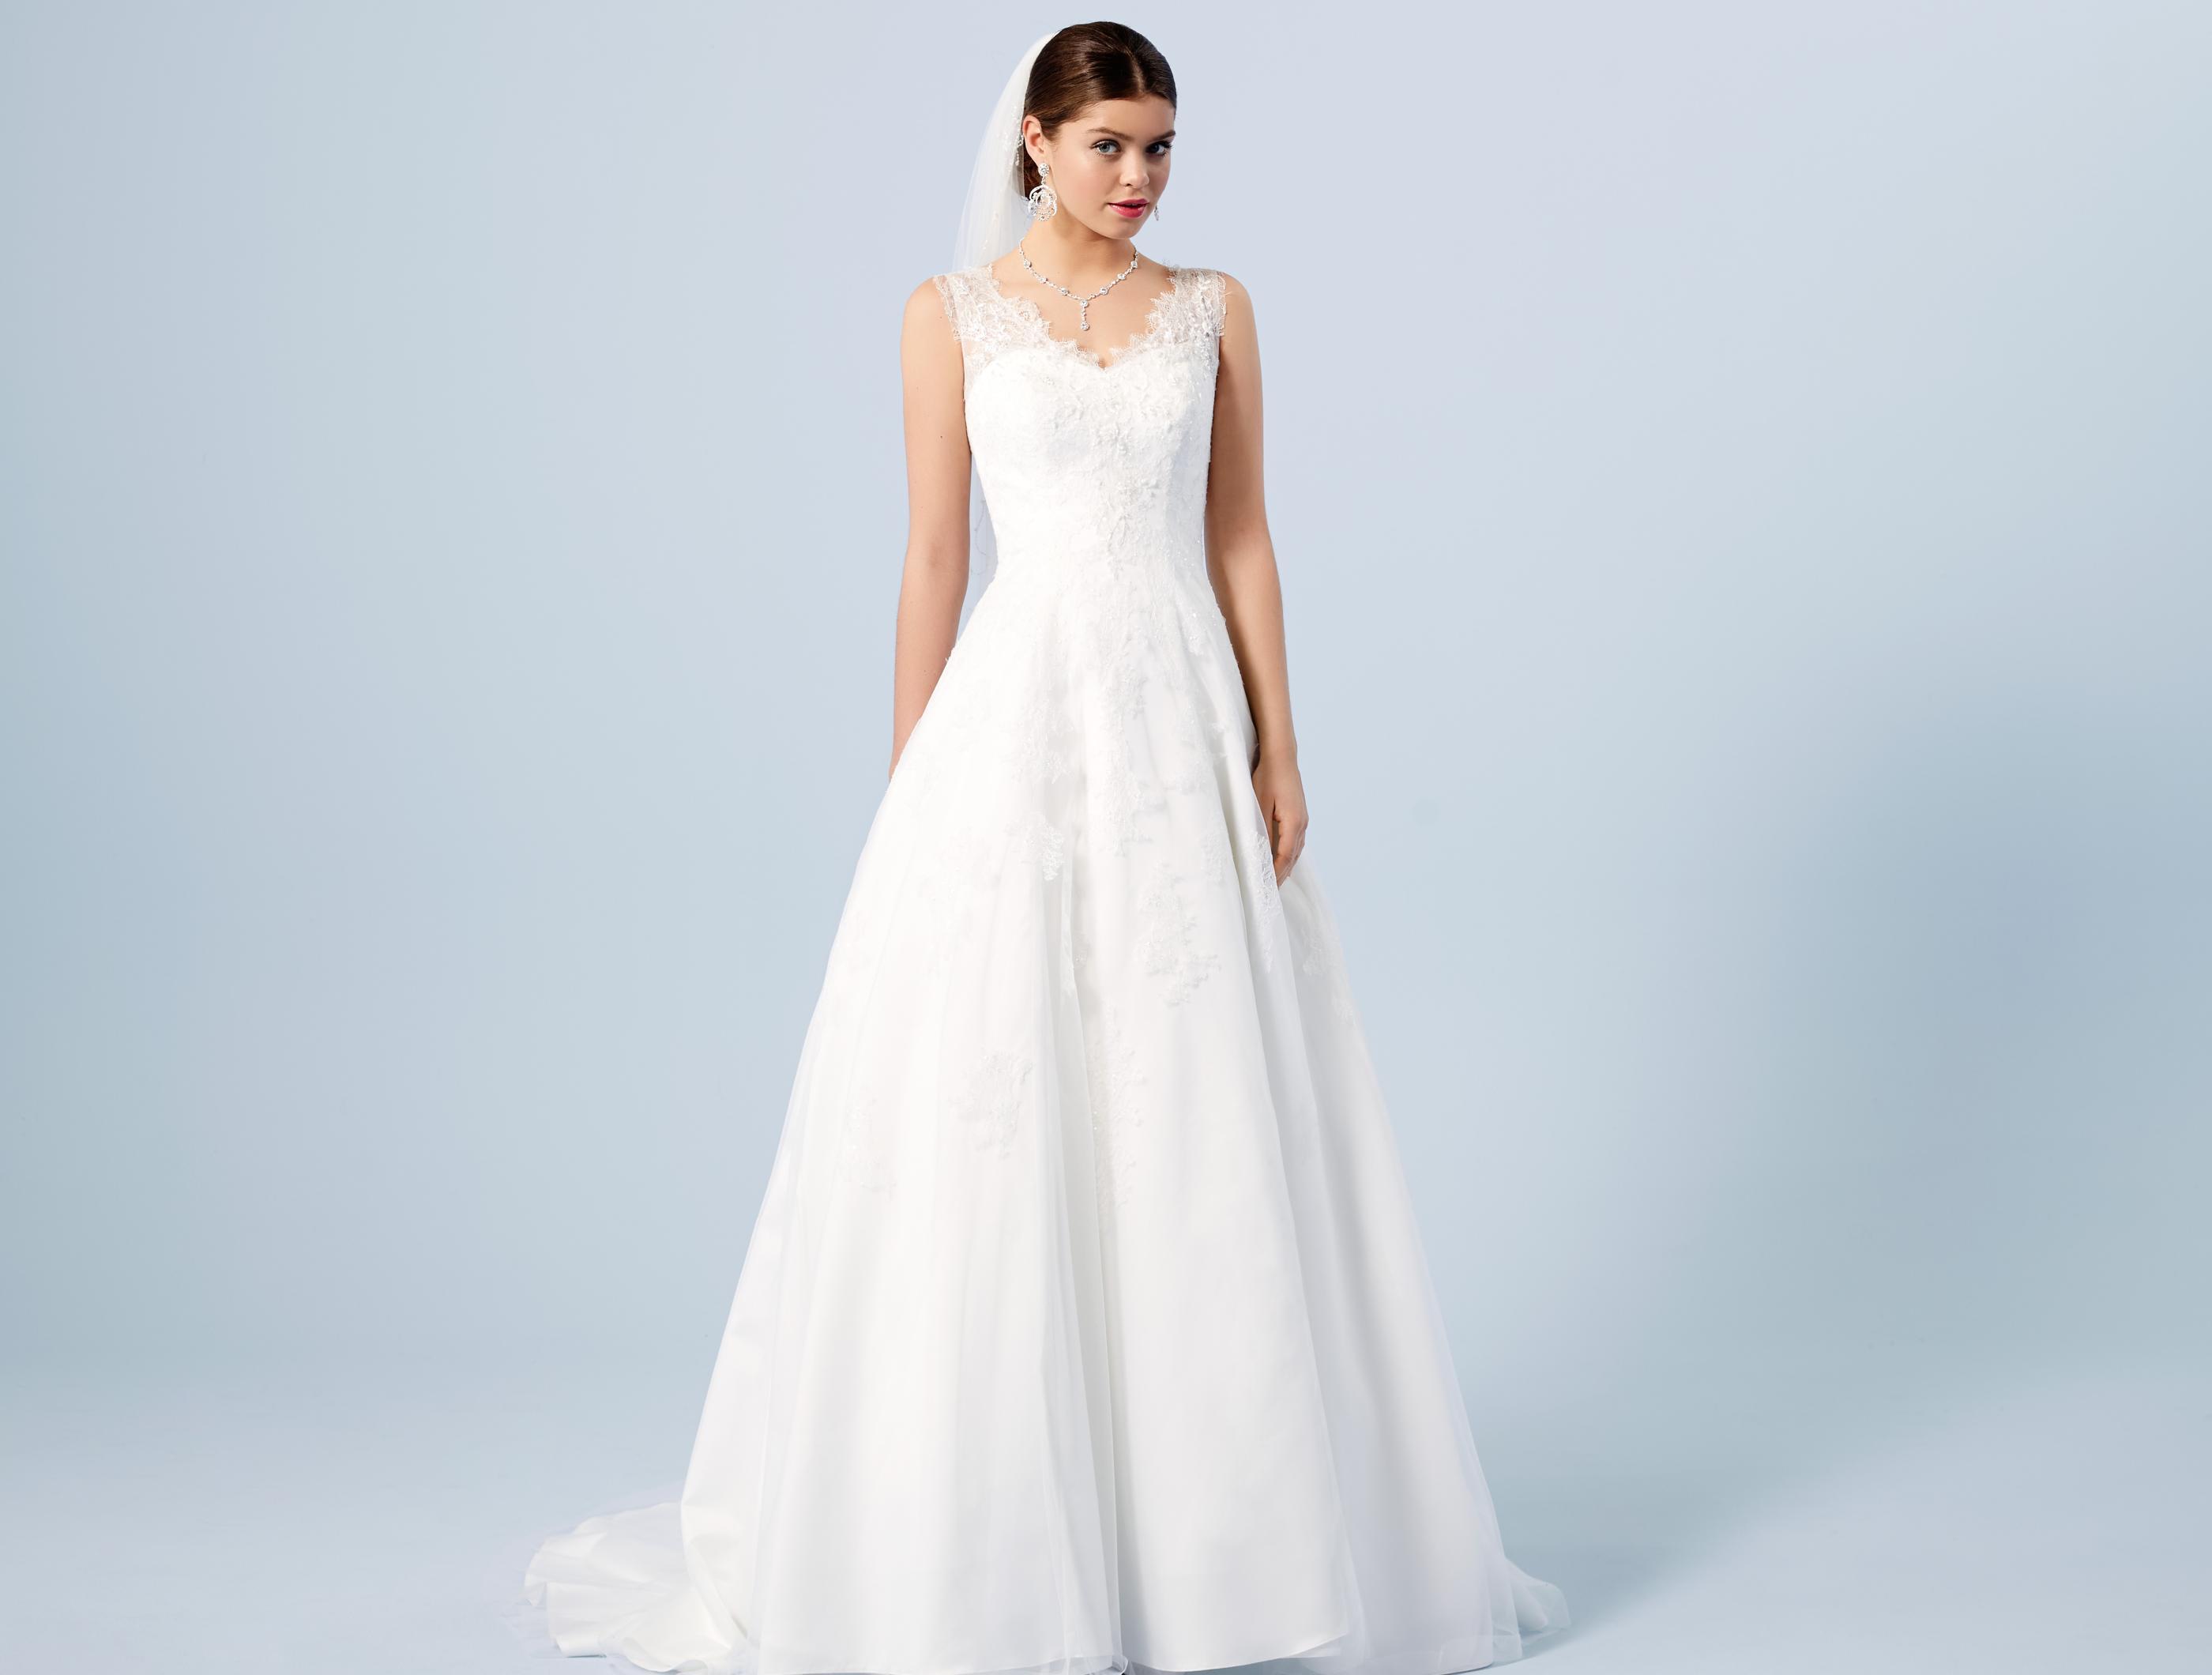 Groß Hochzeitskleid Verwendet Zeitgenössisch - Brautkleider Ideen ...